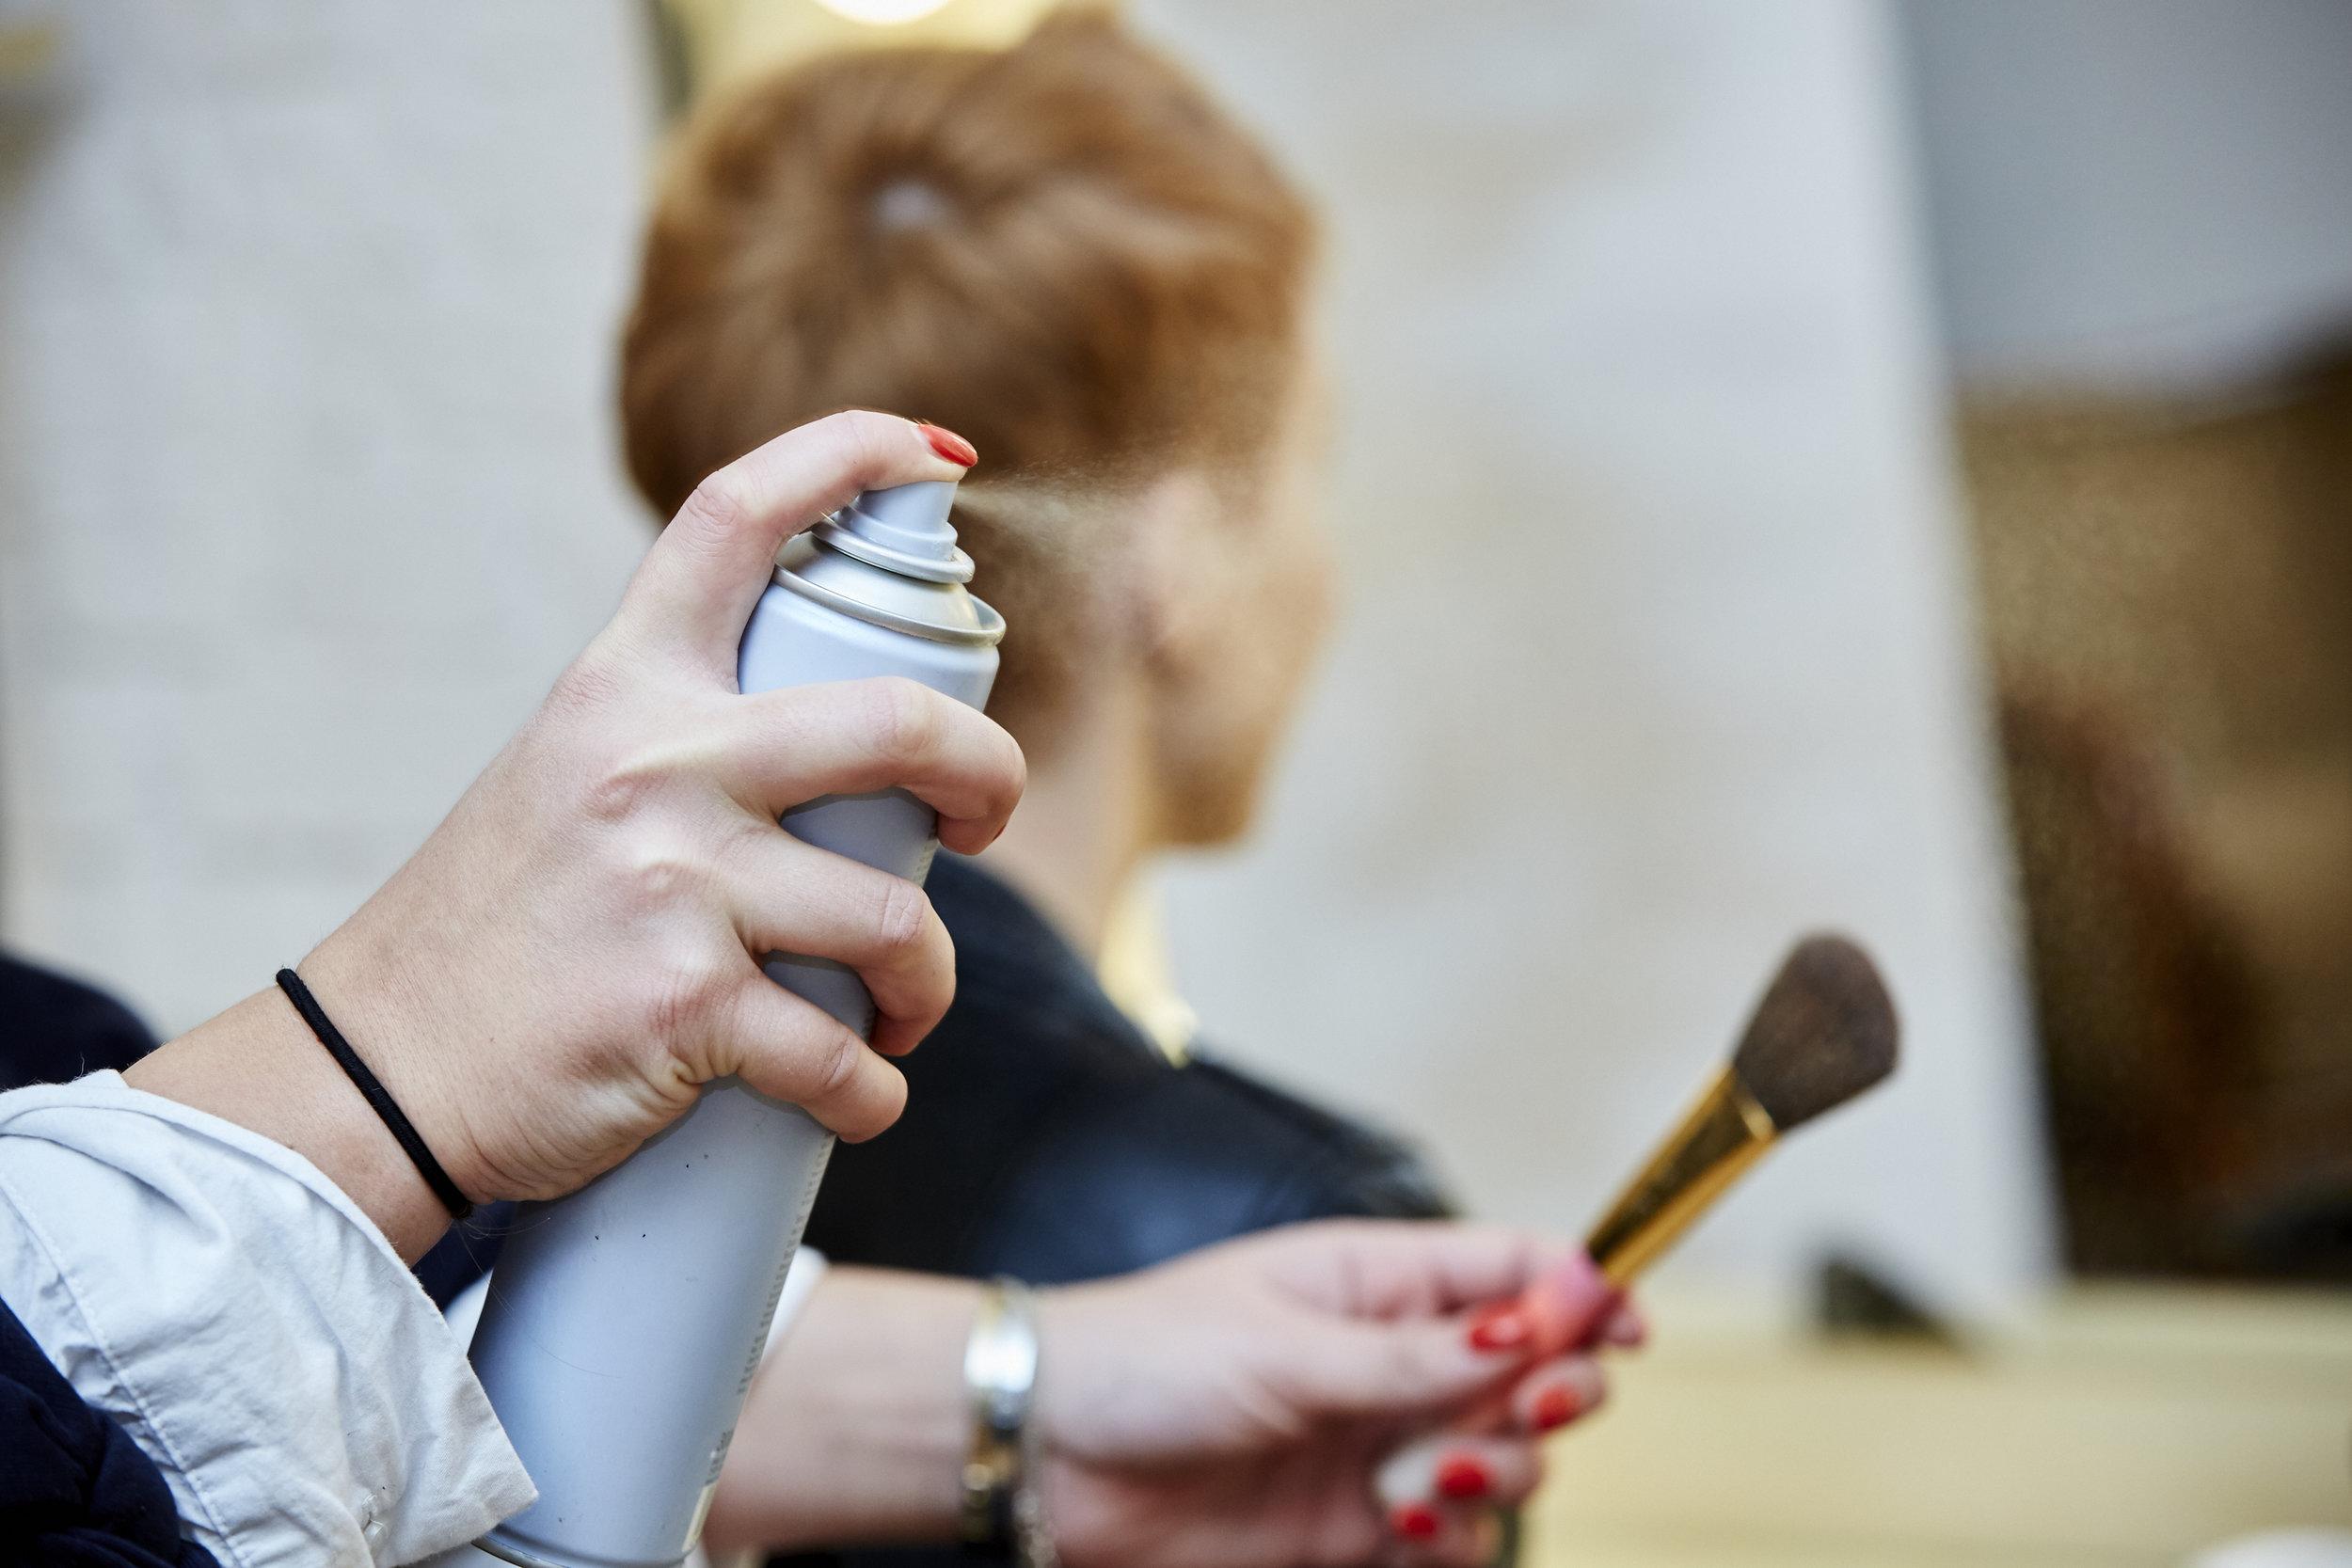 FINISH - Kathi verrät uns noch einen Profi Trick:Du sprühst etwas Haarspray auf einen Puder Pinsel, gehst damit über abstehende Härchen und drückst diese einfach ran. Der Trick eignet sich auch super für strenge Zöpfe, um den Look edel zu machen, so verhindert man lästige